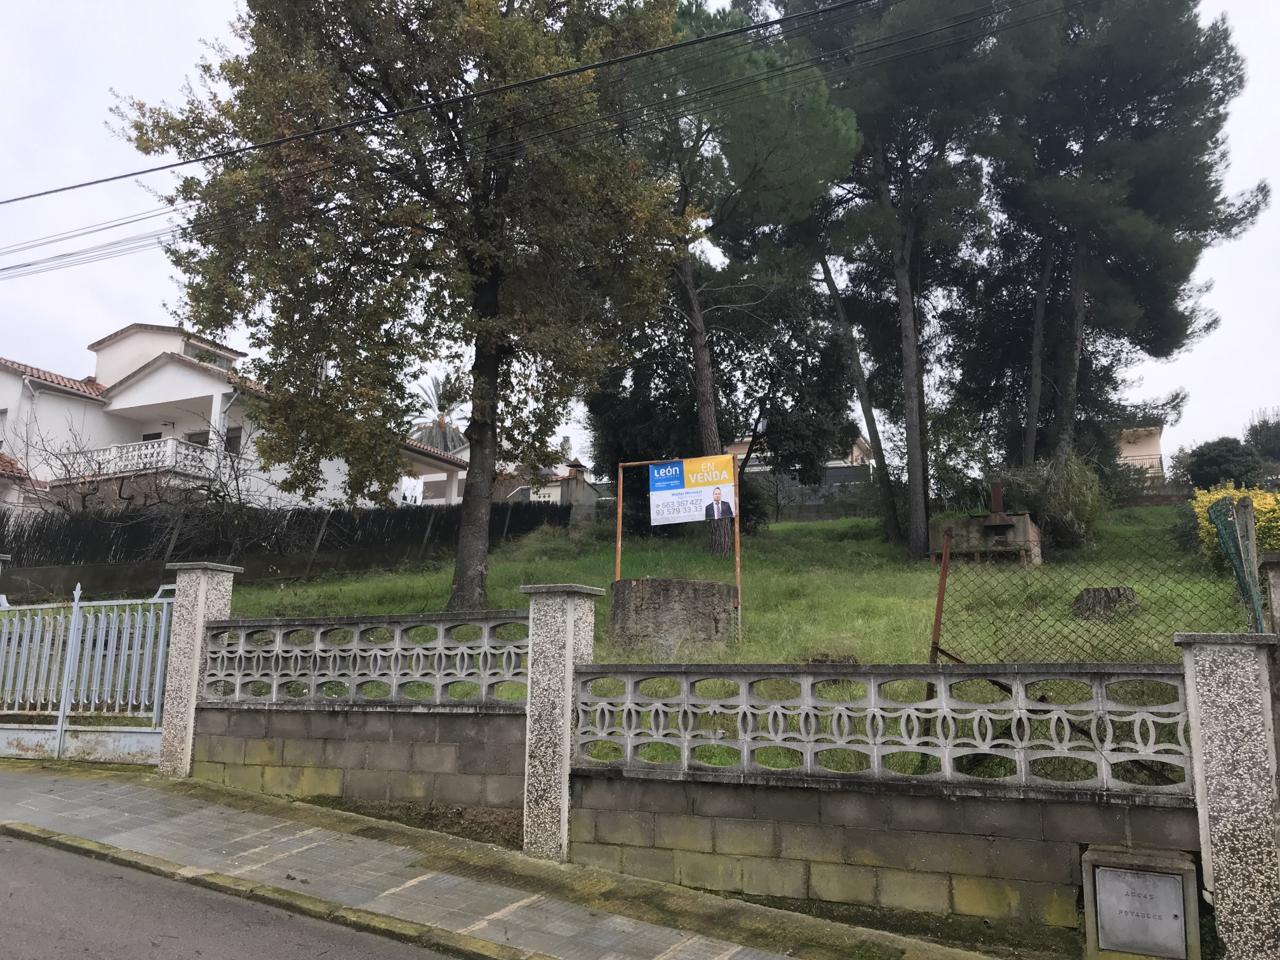 terreno en llica-de-vall · carrer-sant-delfi-50-08185 95000€